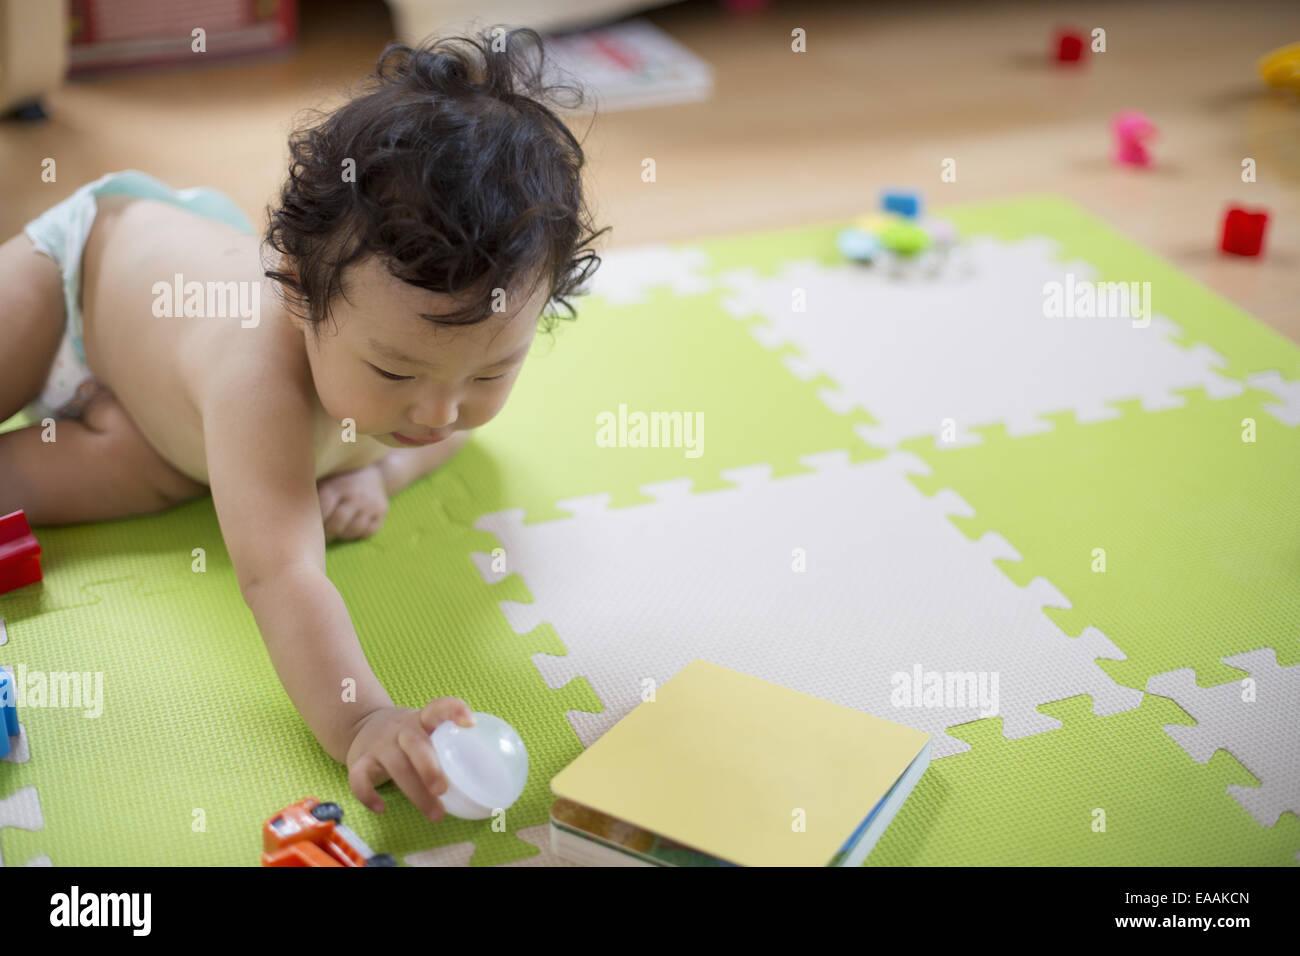 Bébé Garçon jouant à l'intérieur. Banque D'Images